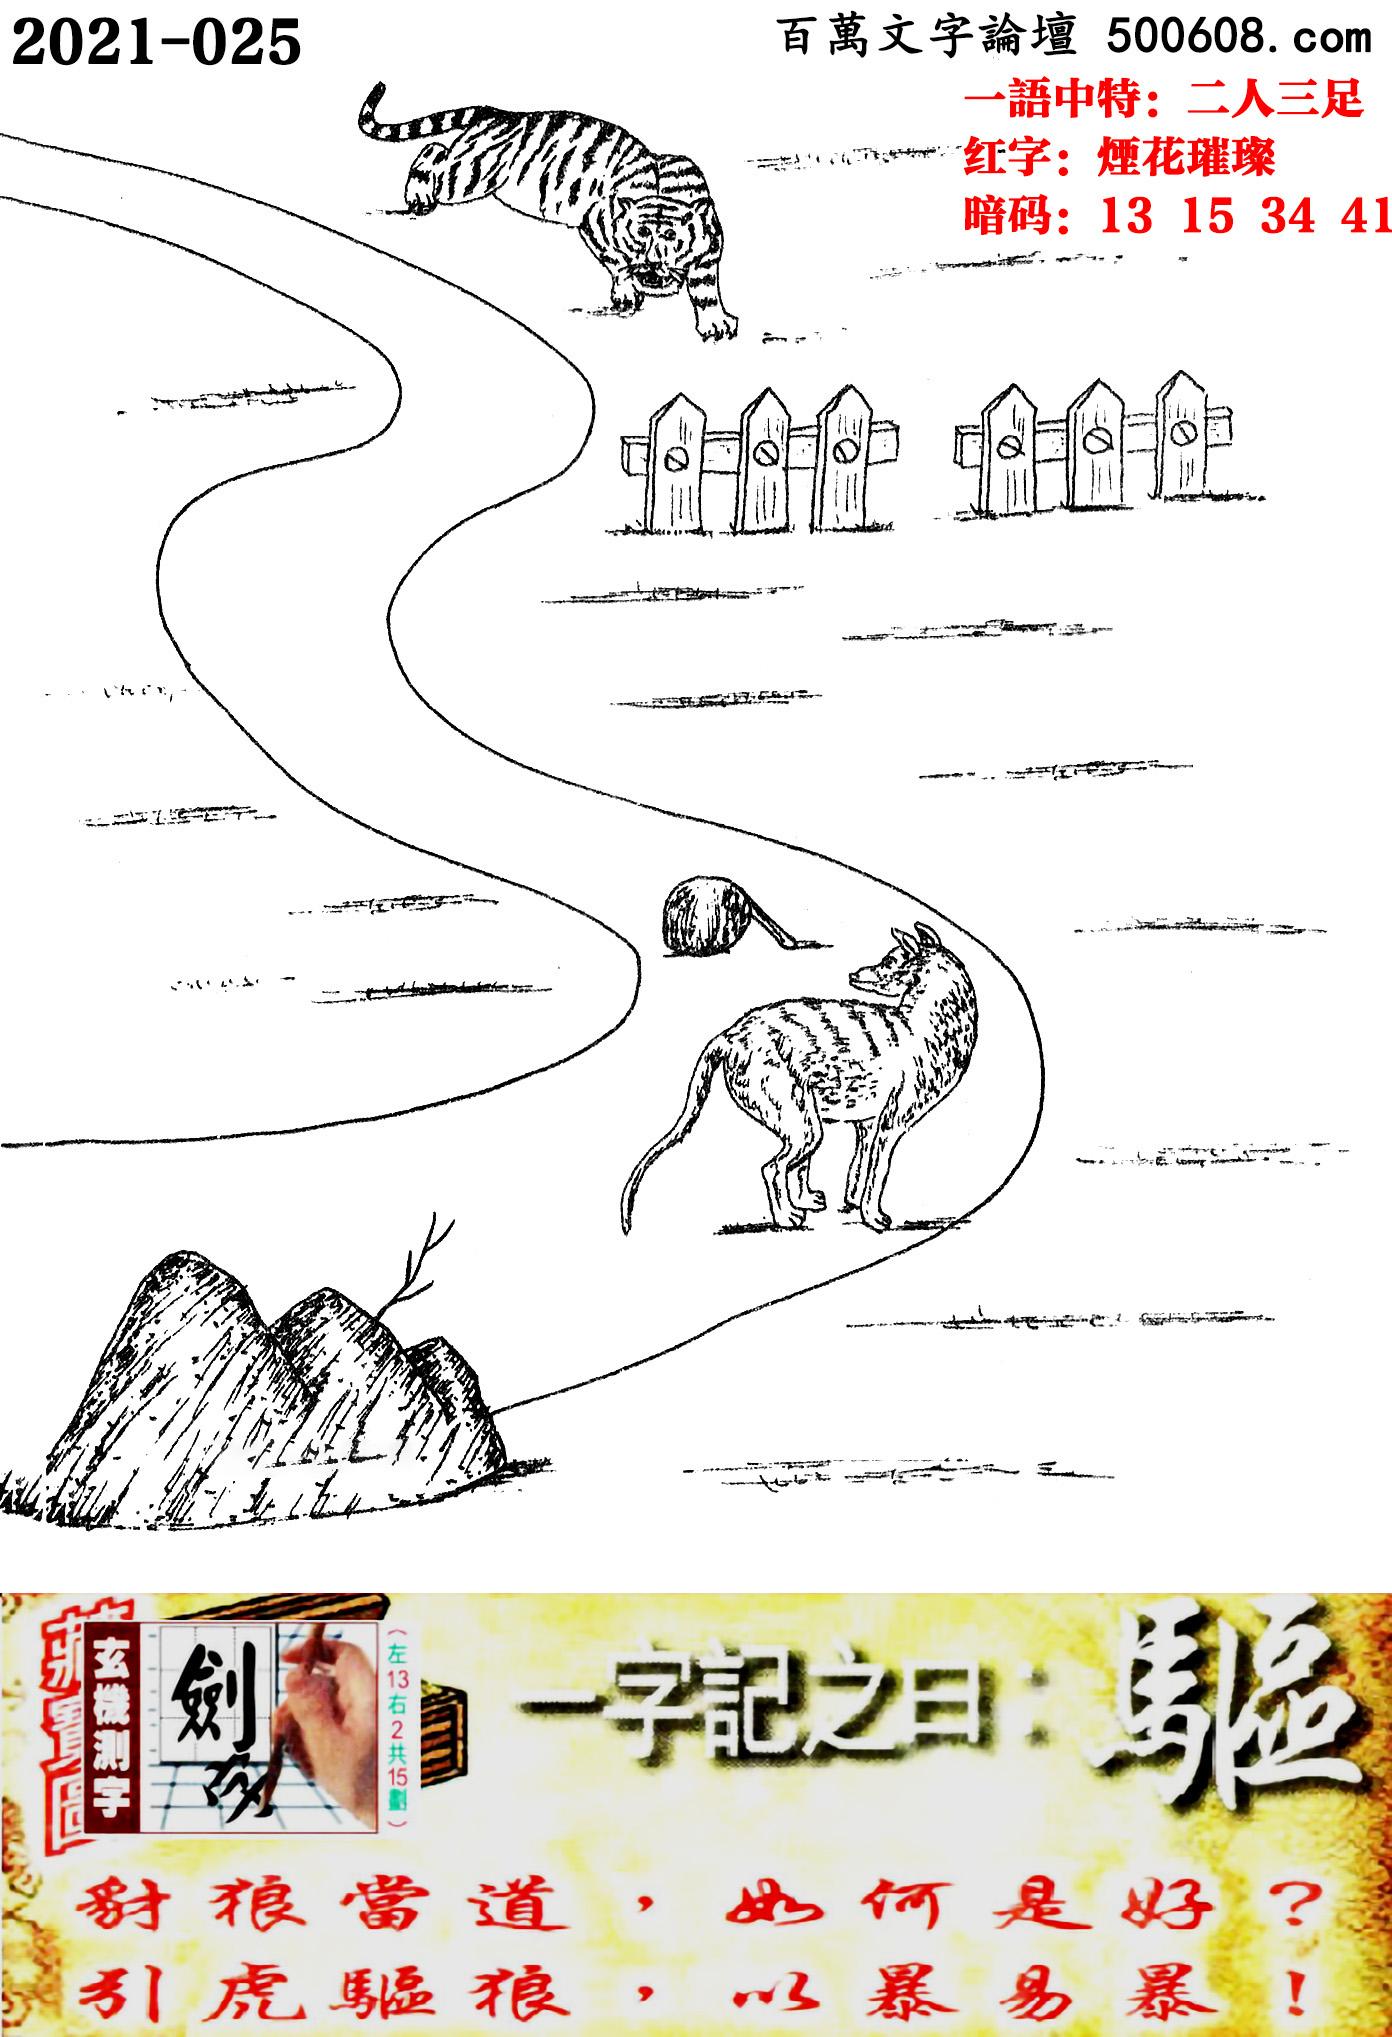 025期跑狗一字�之曰:【�】_豺狼��道,如何是好?引虎�狼,以暴易暴!